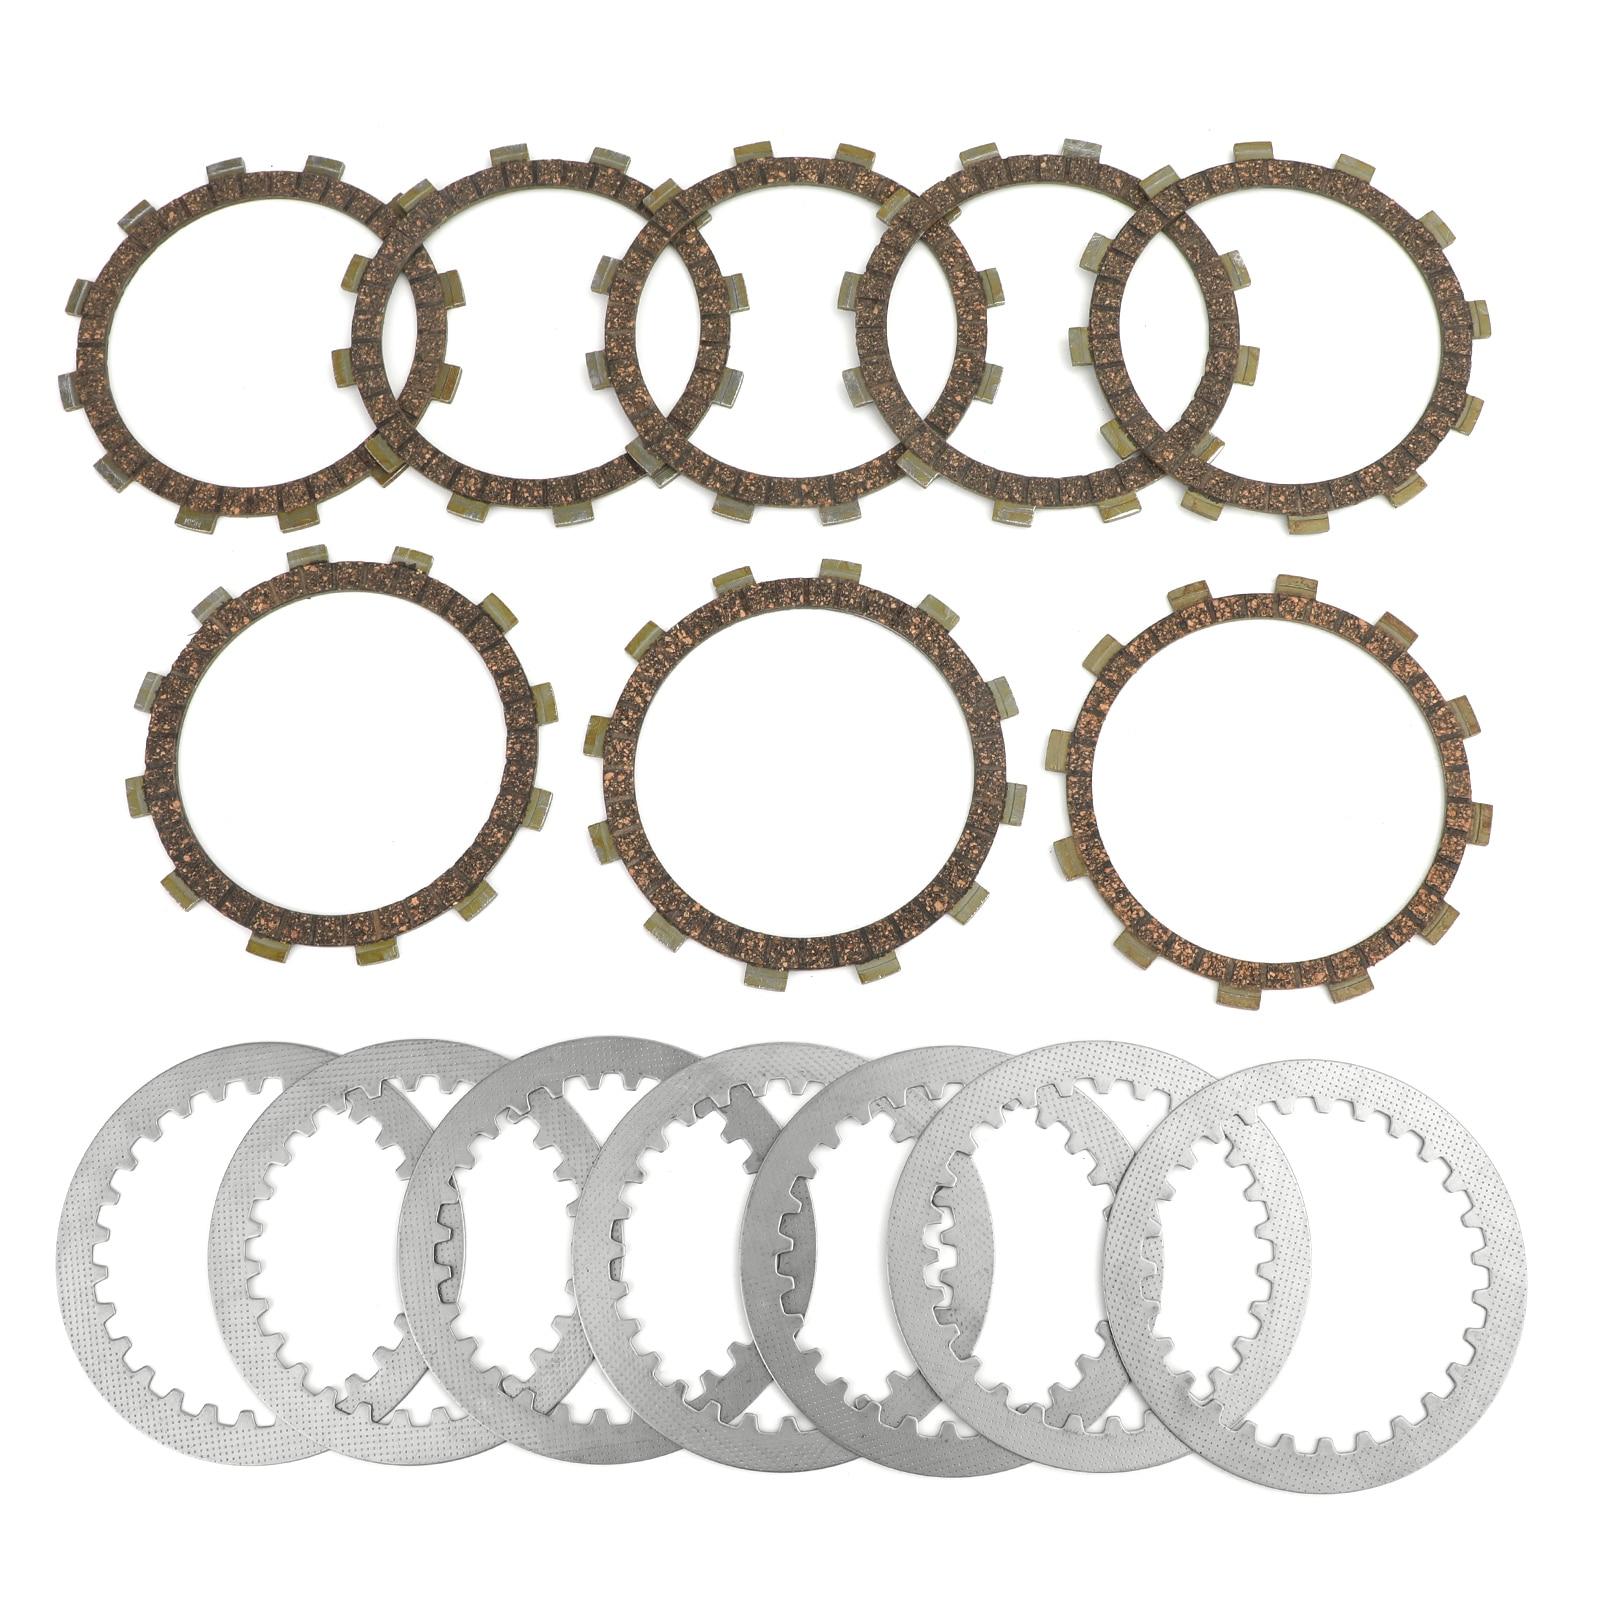 Kit de embrague Artudatech de acero y placas de fricción compatibles con Yamaha 5Y1-16321-00 XT550 5Y3 XT550J